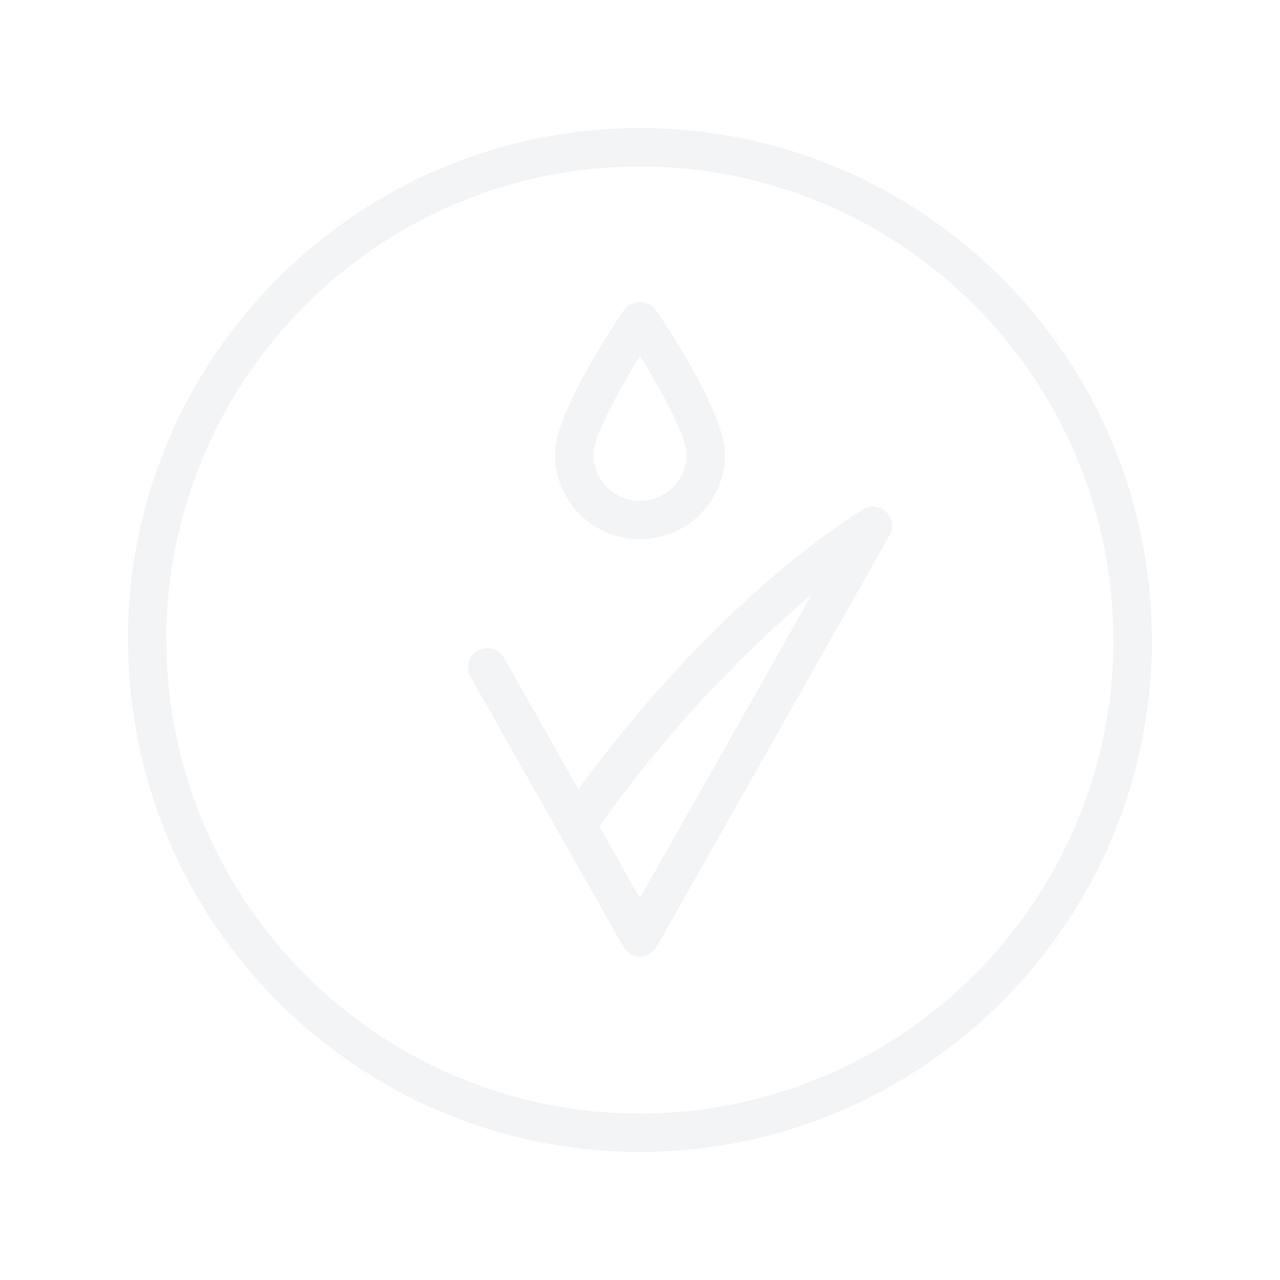 Everyday Minerals Jojoba Base 4.8g